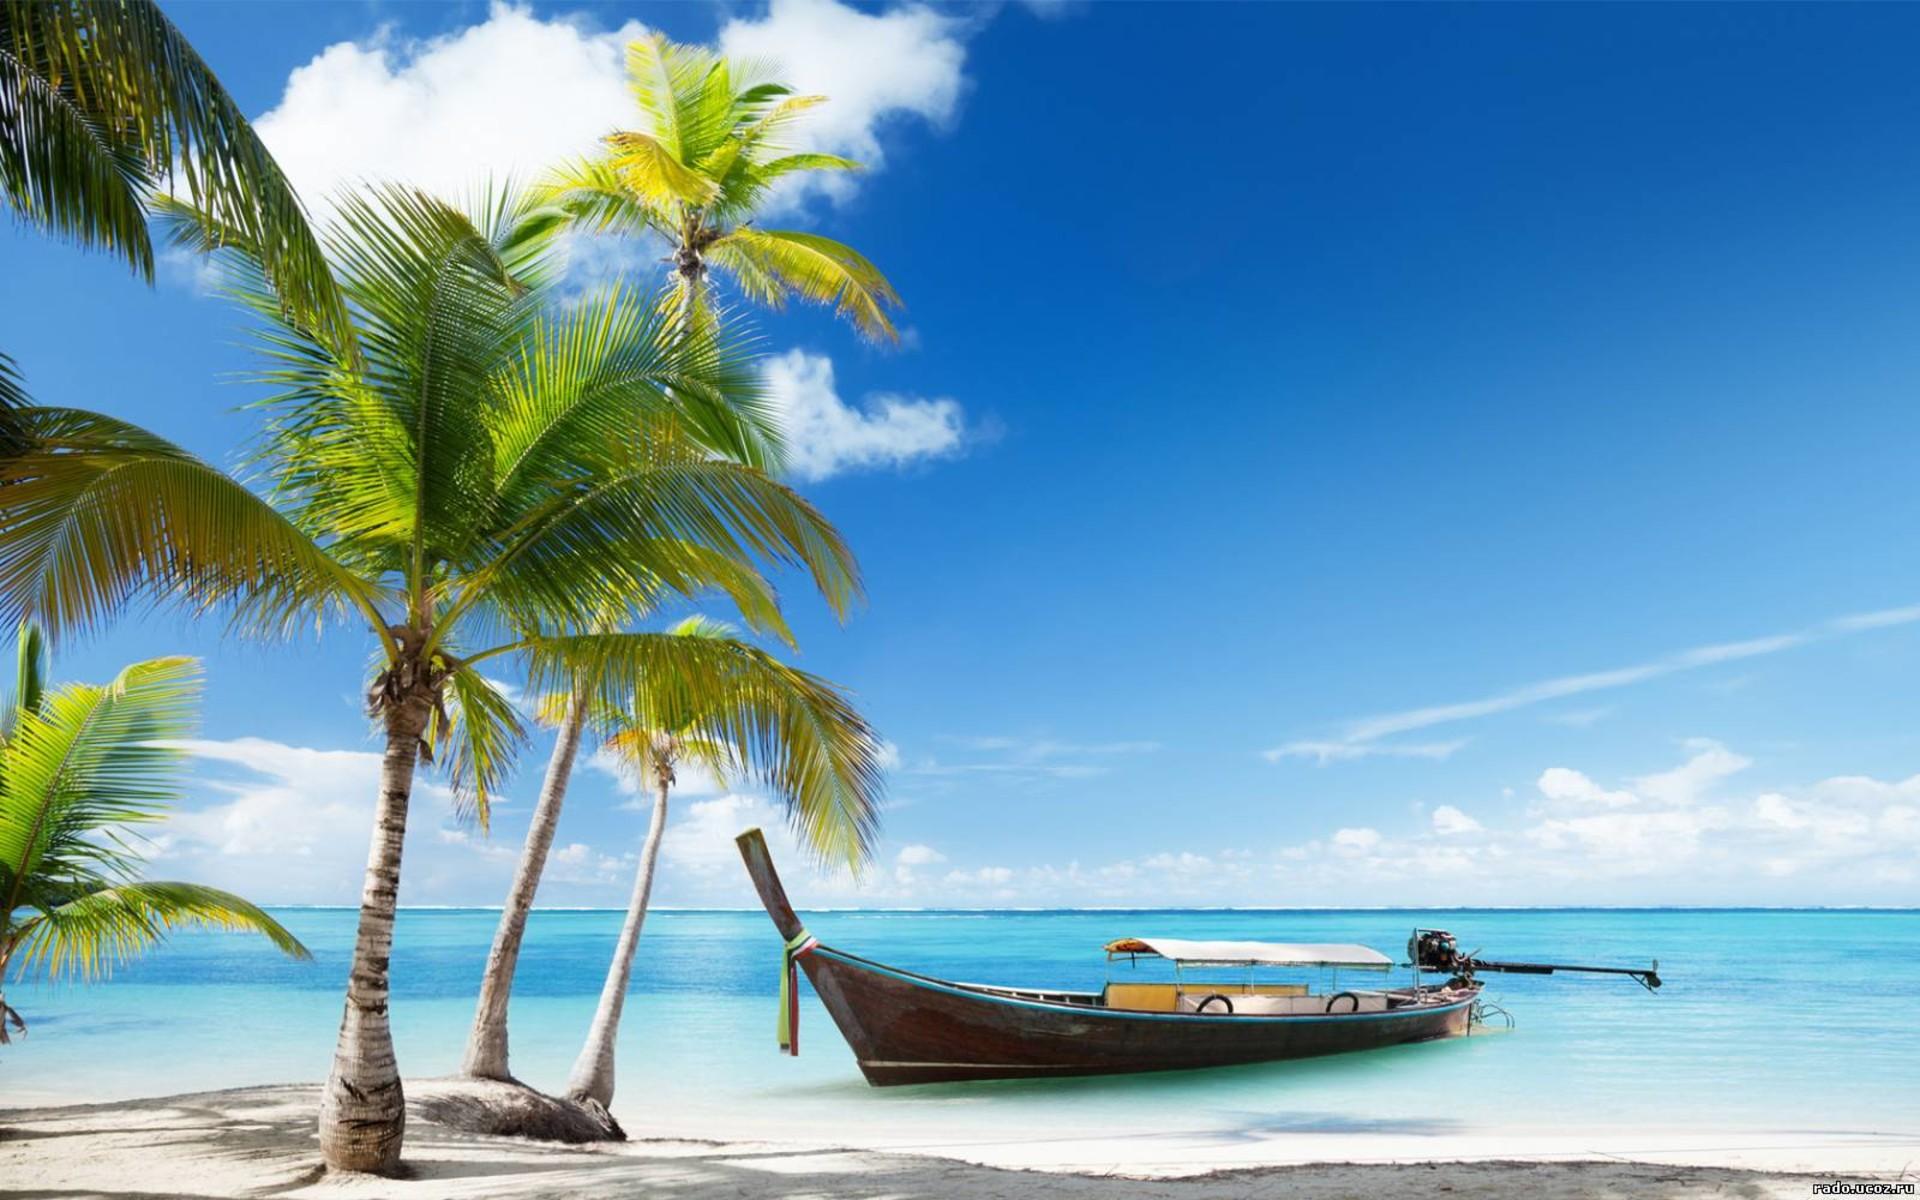 фото море и пальмы.jpg